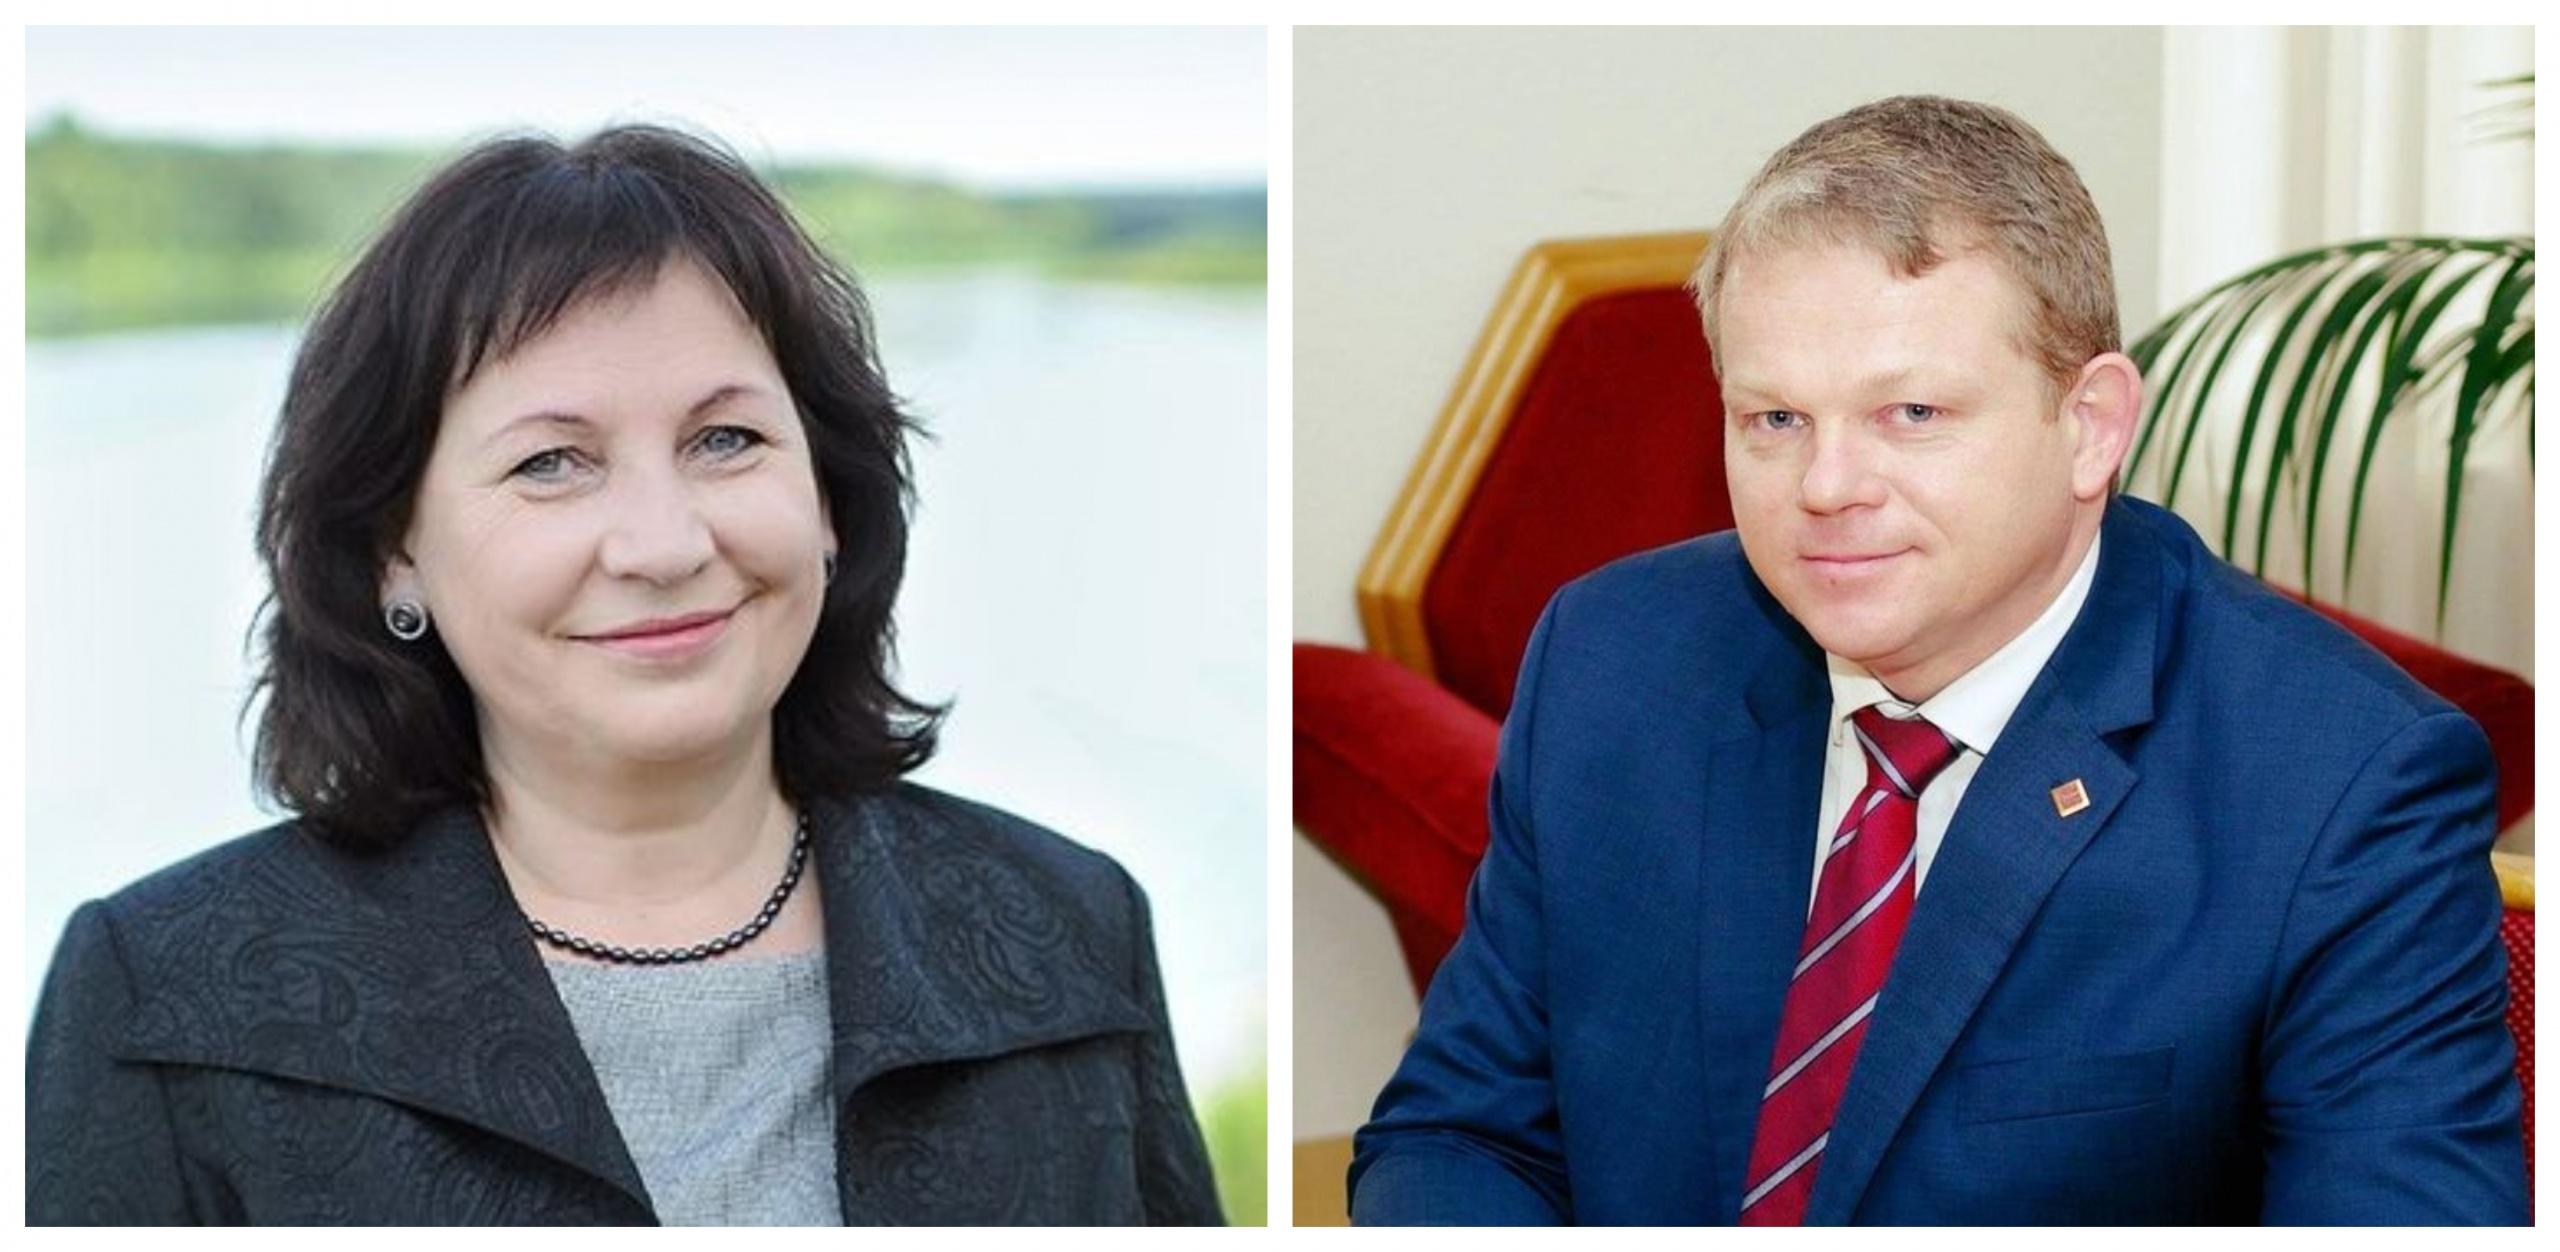 Dainavos apygardos rinkėjų bilietai į antrą turą – J. Zailskienei ir A. Palioniui (ATNAUJINAMA) 1